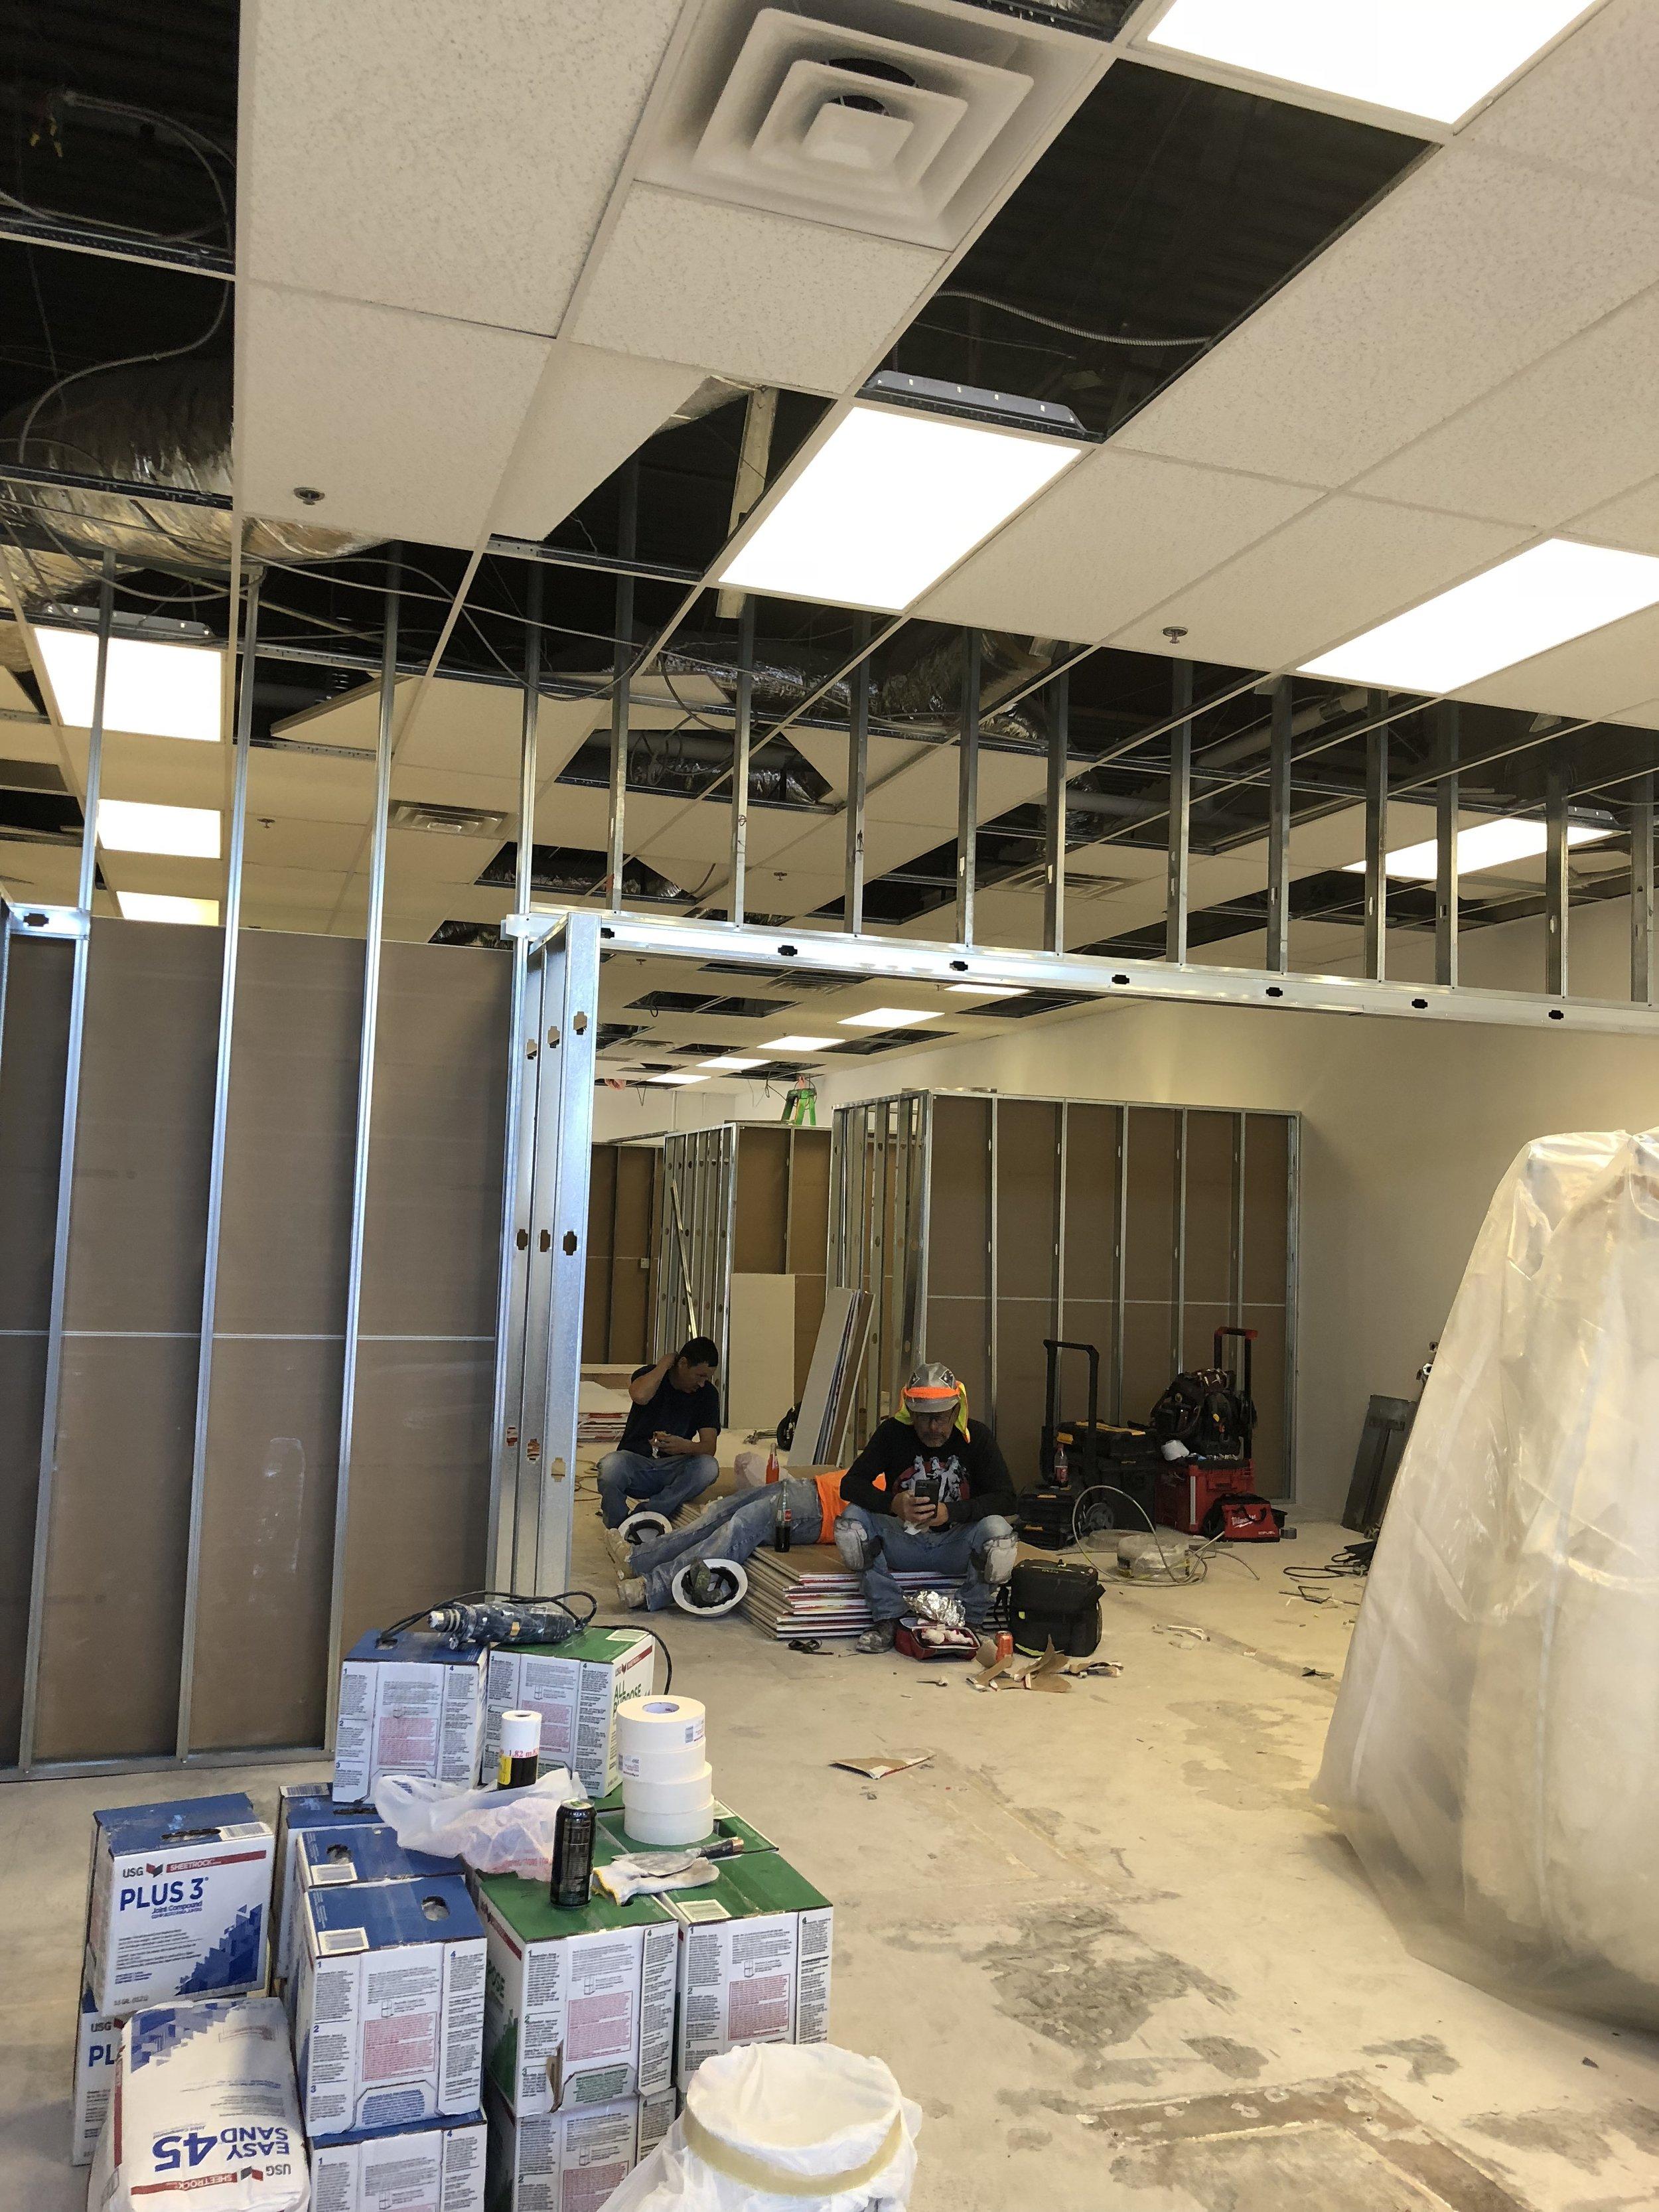 Albuquerque dress shop under construction